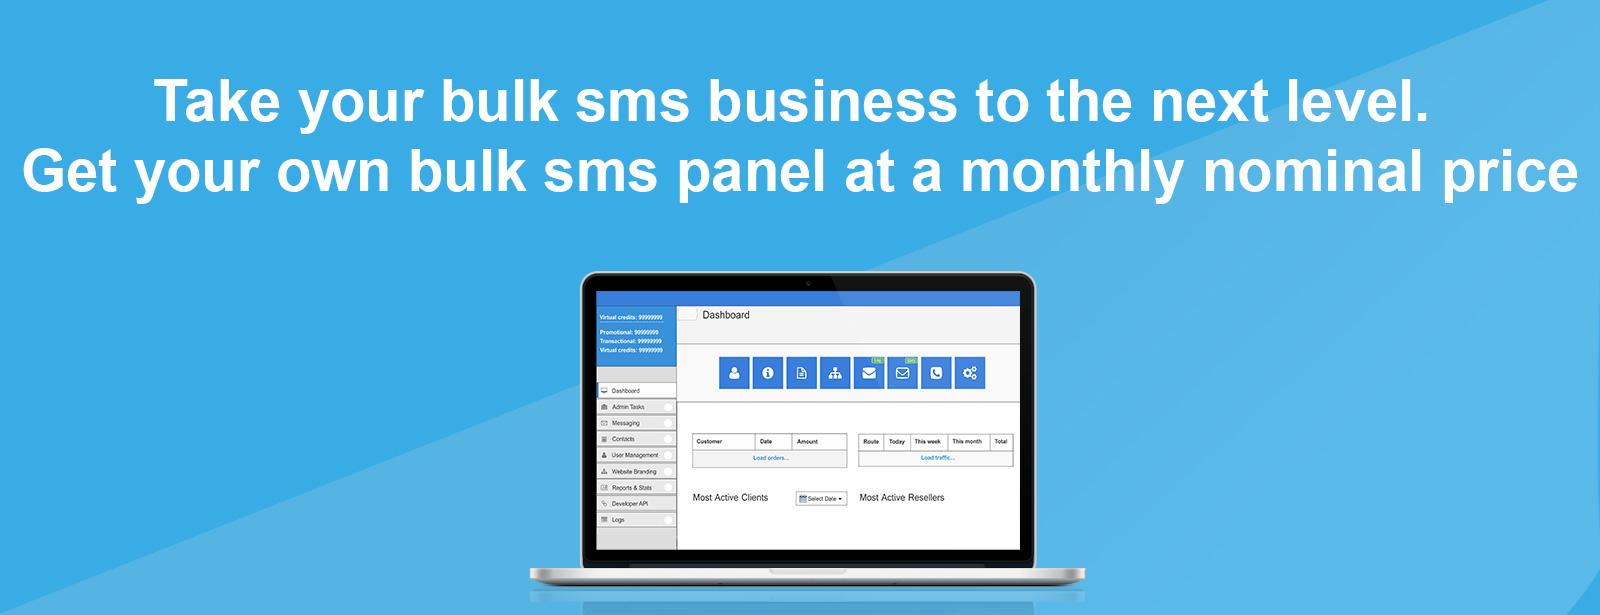 HOW TO START BULK SMS BUSINESS | SMSKARO